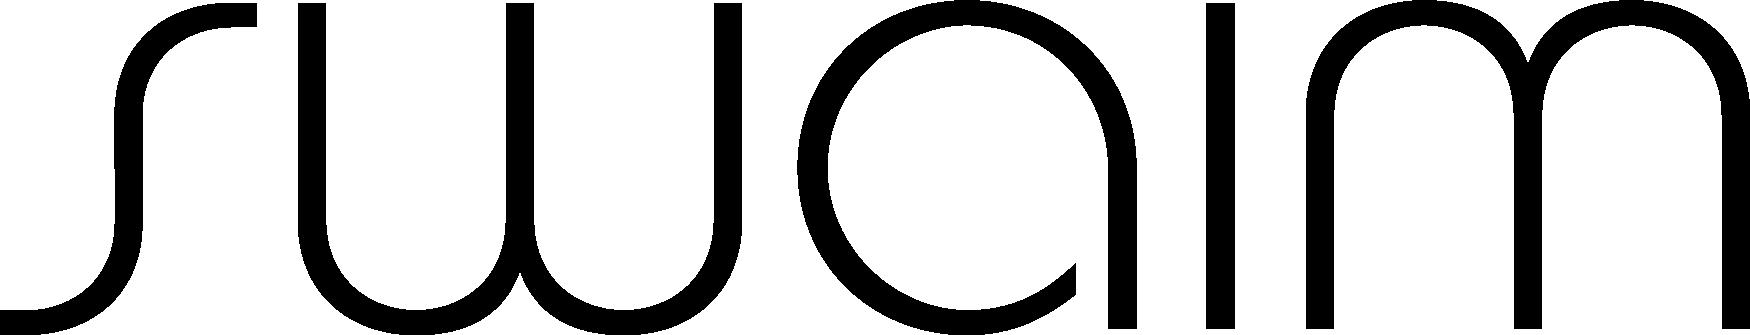 swaim_logo